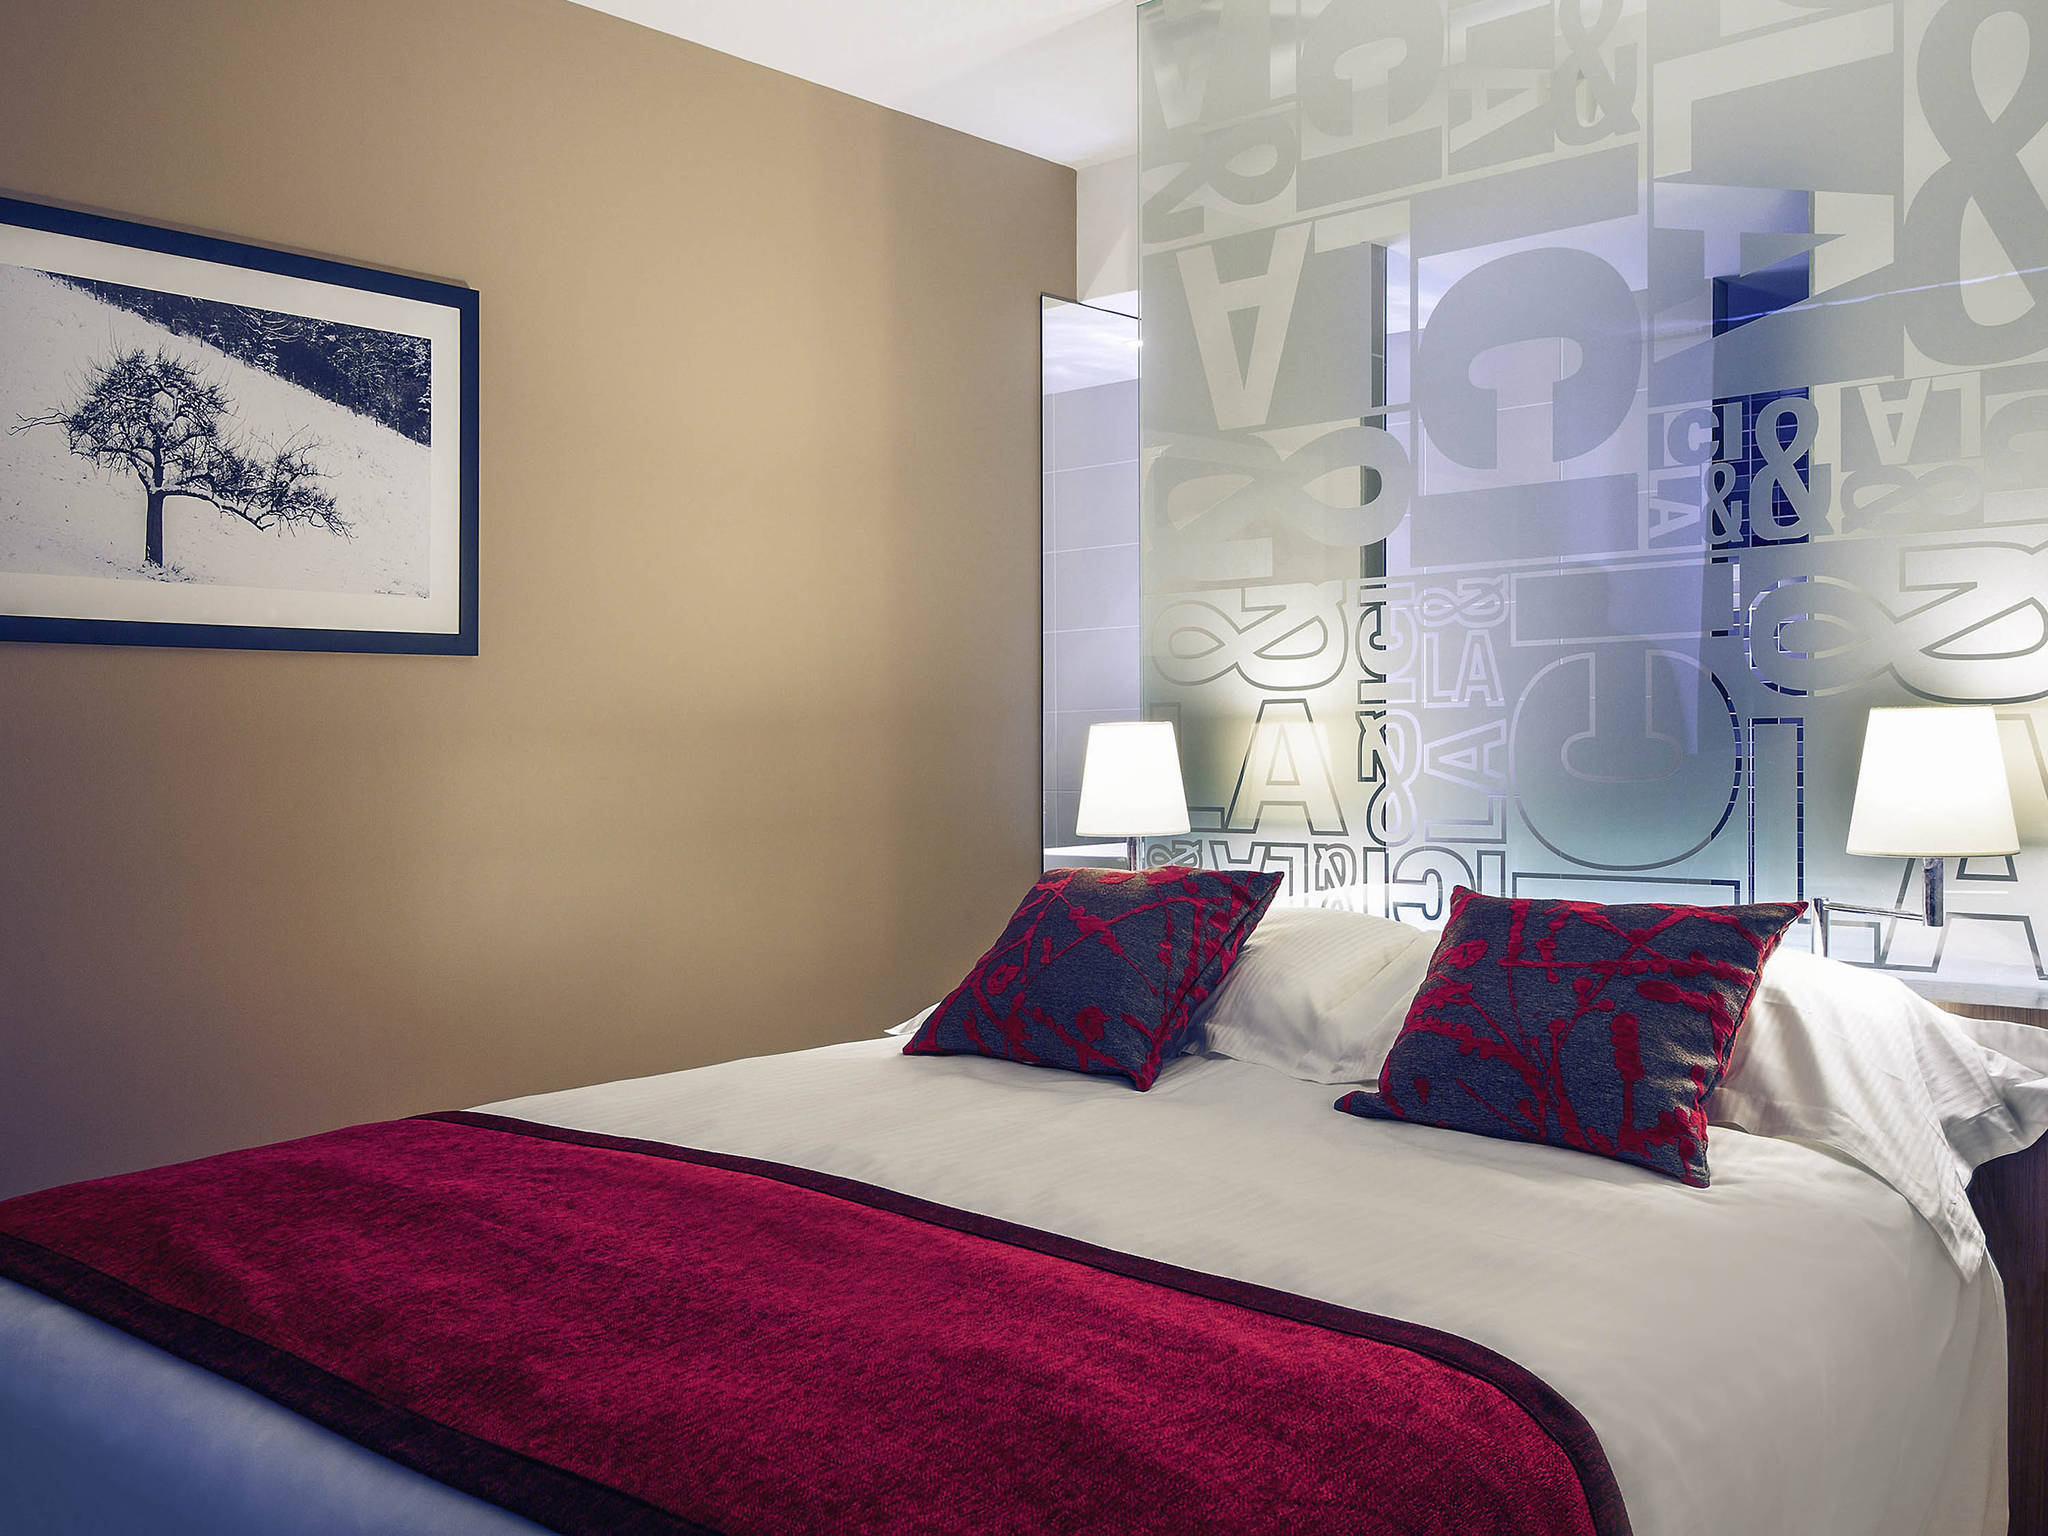 Hotel - Hôtel Mercure Villefranche en Beaujolais Ici & La